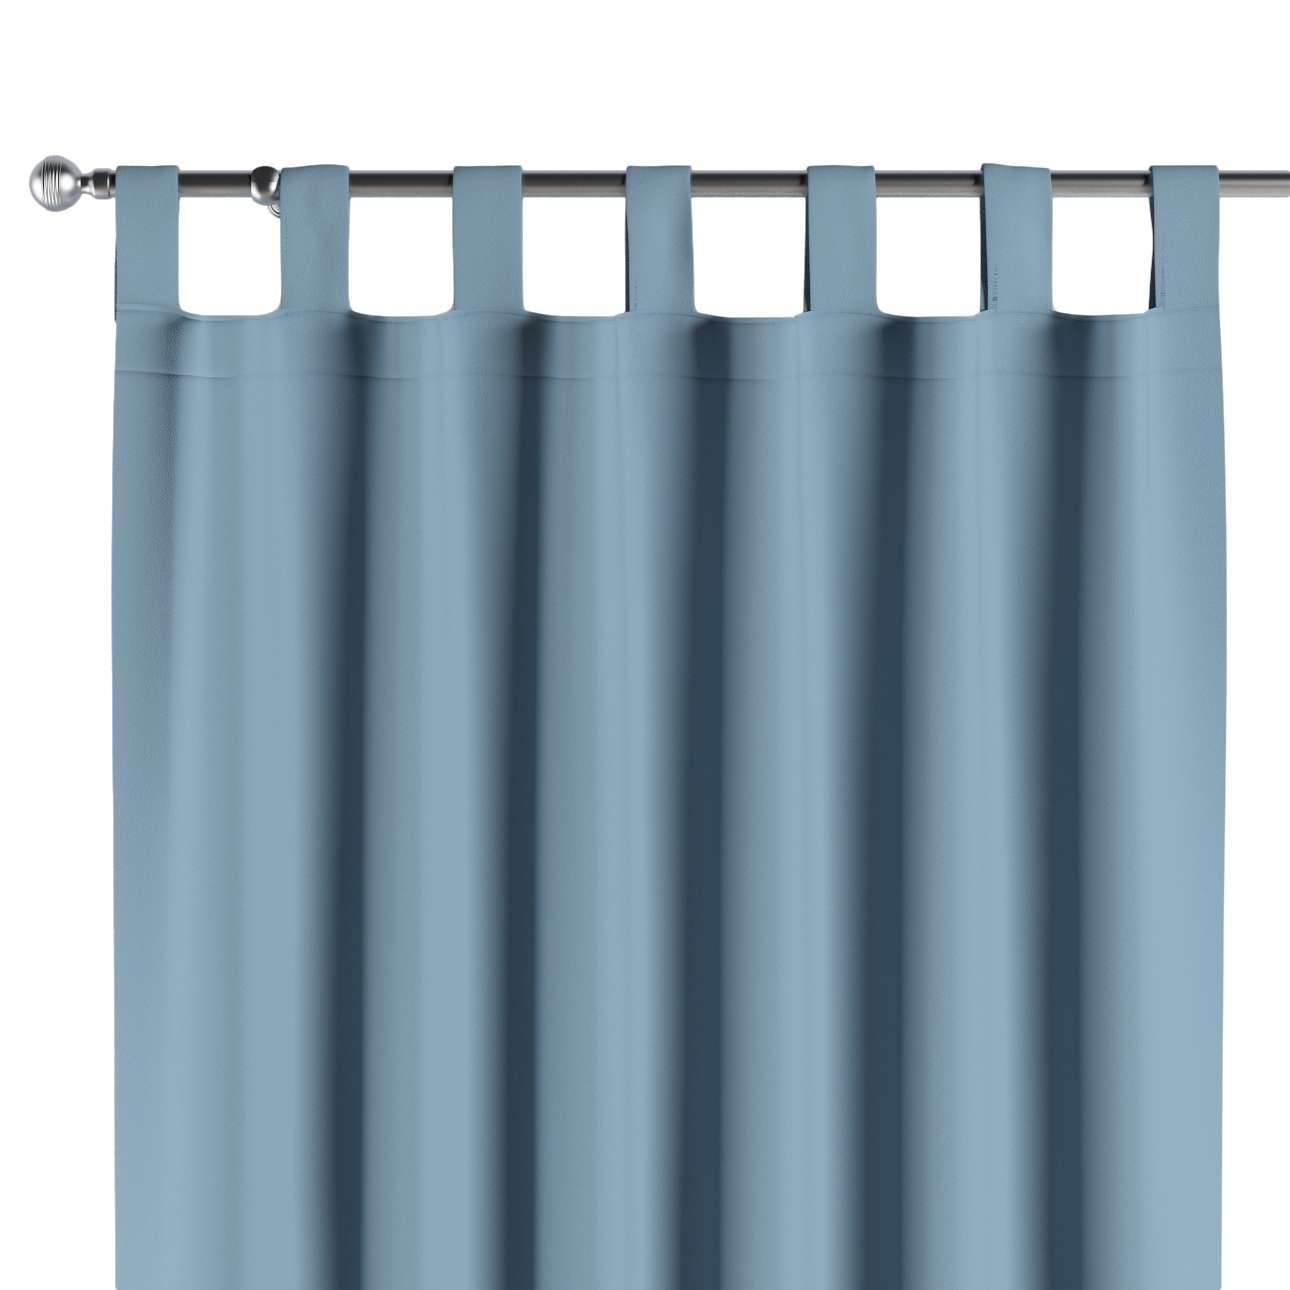 Verdunklungsvorhänge mit Schlaufen 1 Stk. 140x260 cm von der Kollektion Blackout (verdunkelnd), Stoff: 269-08